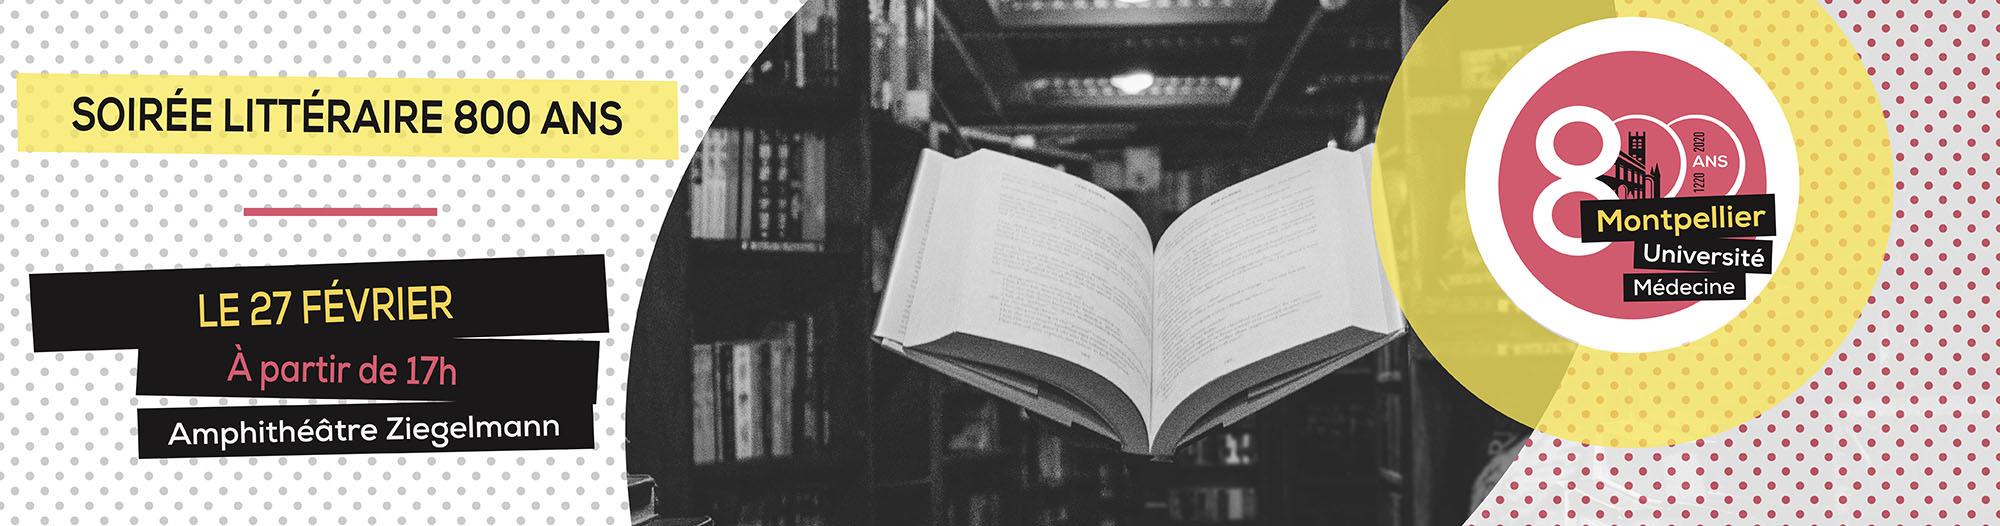 Soirée littéraire pour les 800 ans de la faculté de médecine